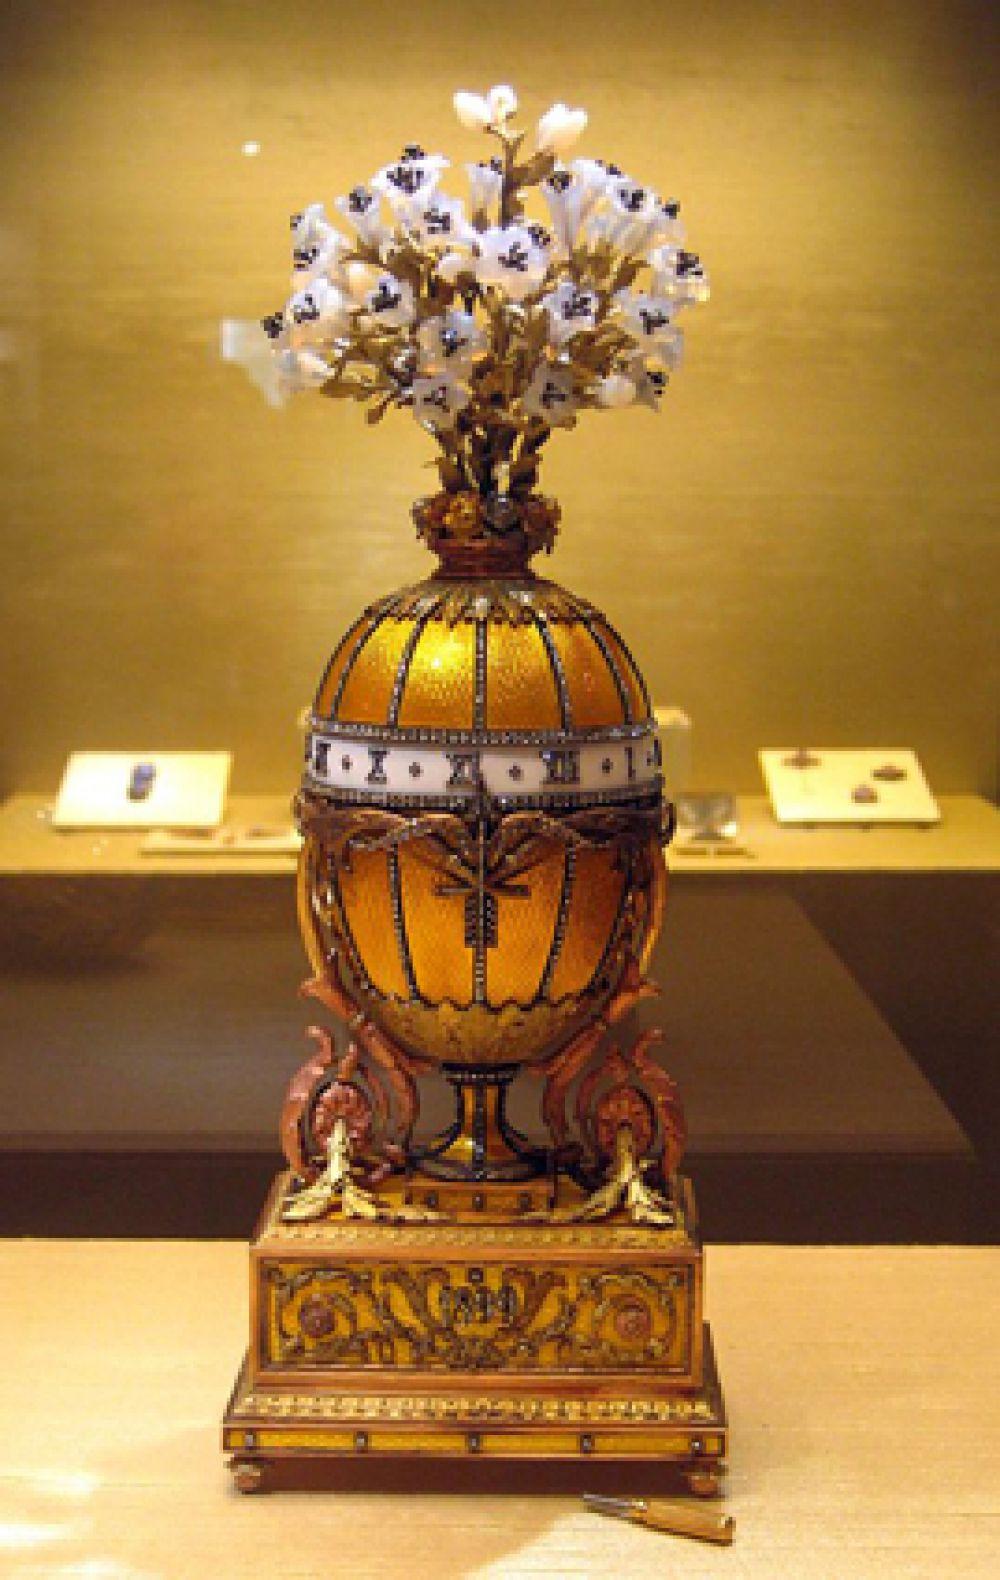 Яйцо-часы «Букет лилий», 1899 год. Одно из самых высоких яиц серии. Рубиновый пандан с розами утерян.